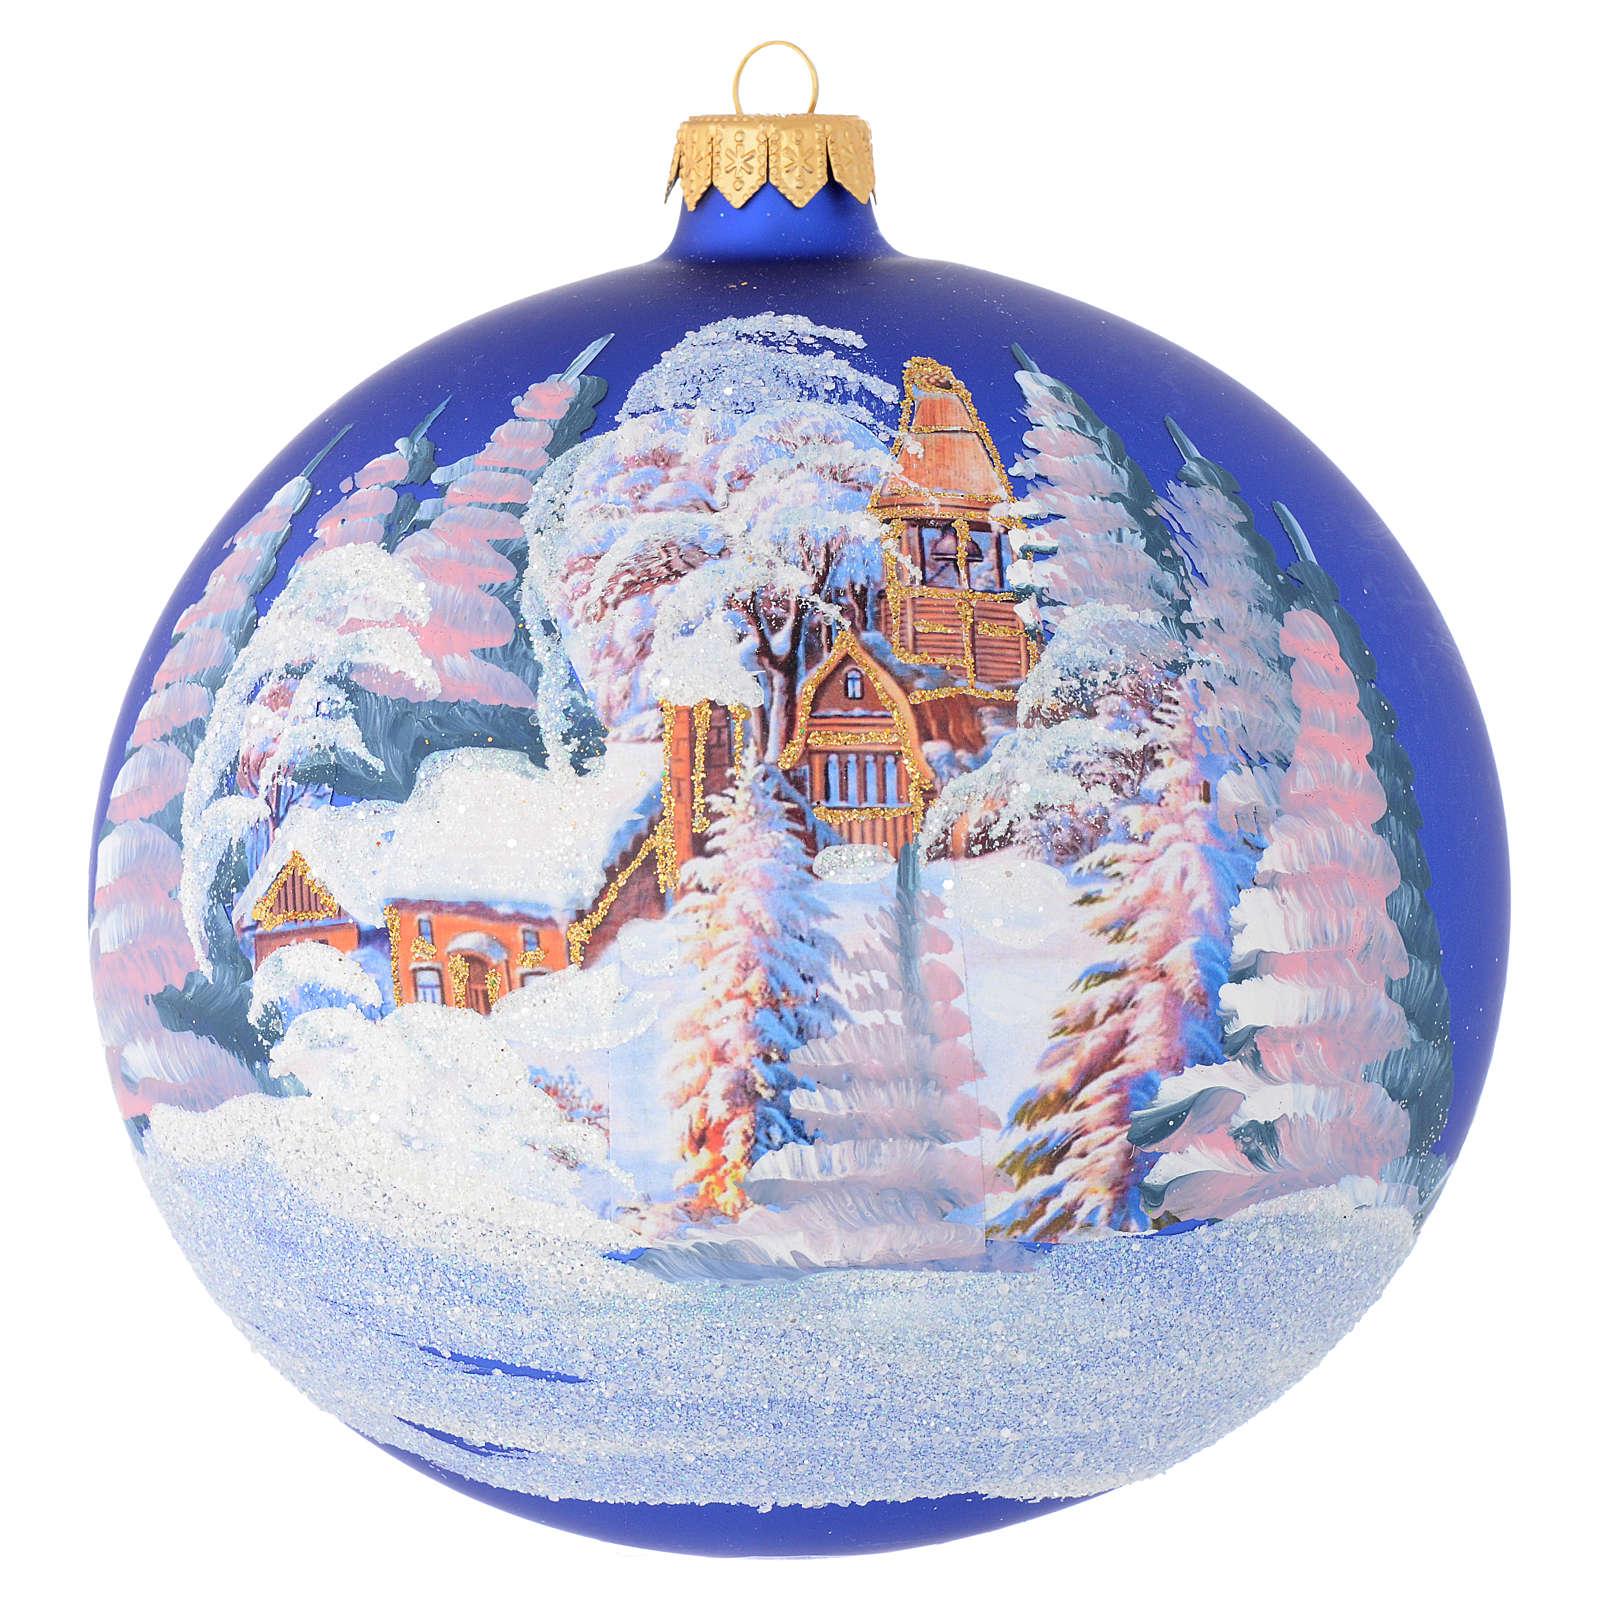 Palla Albero vetro blu Paesaggio decoupage 150 mm 4